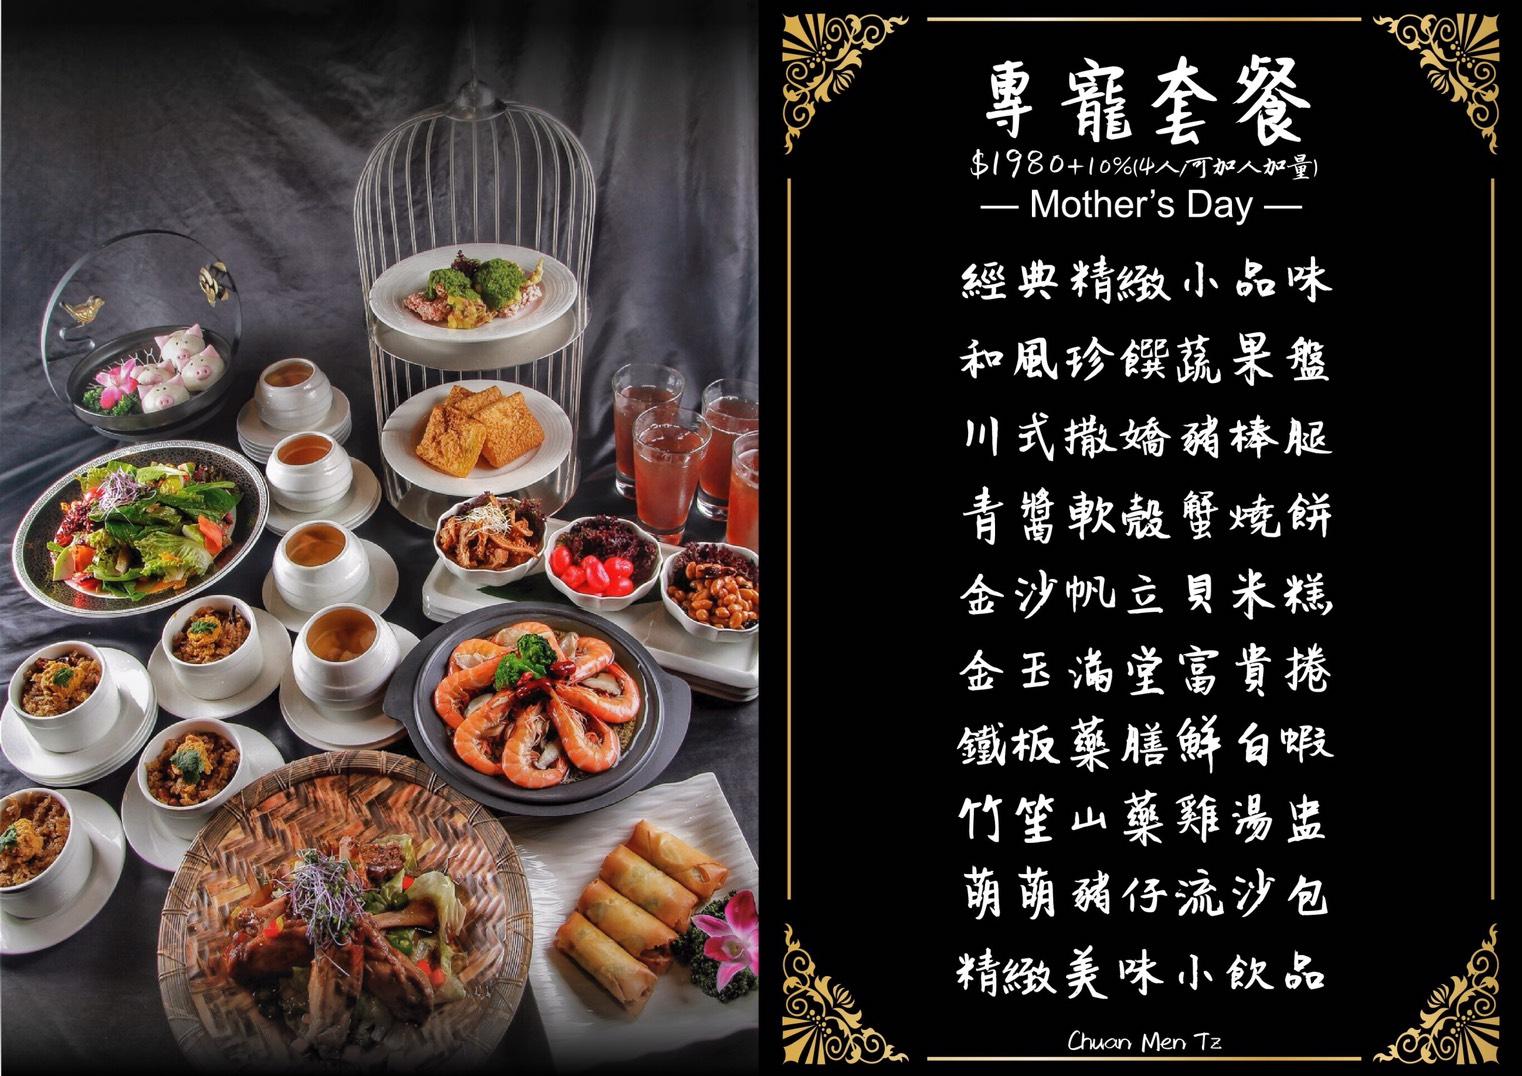 母親節菜單